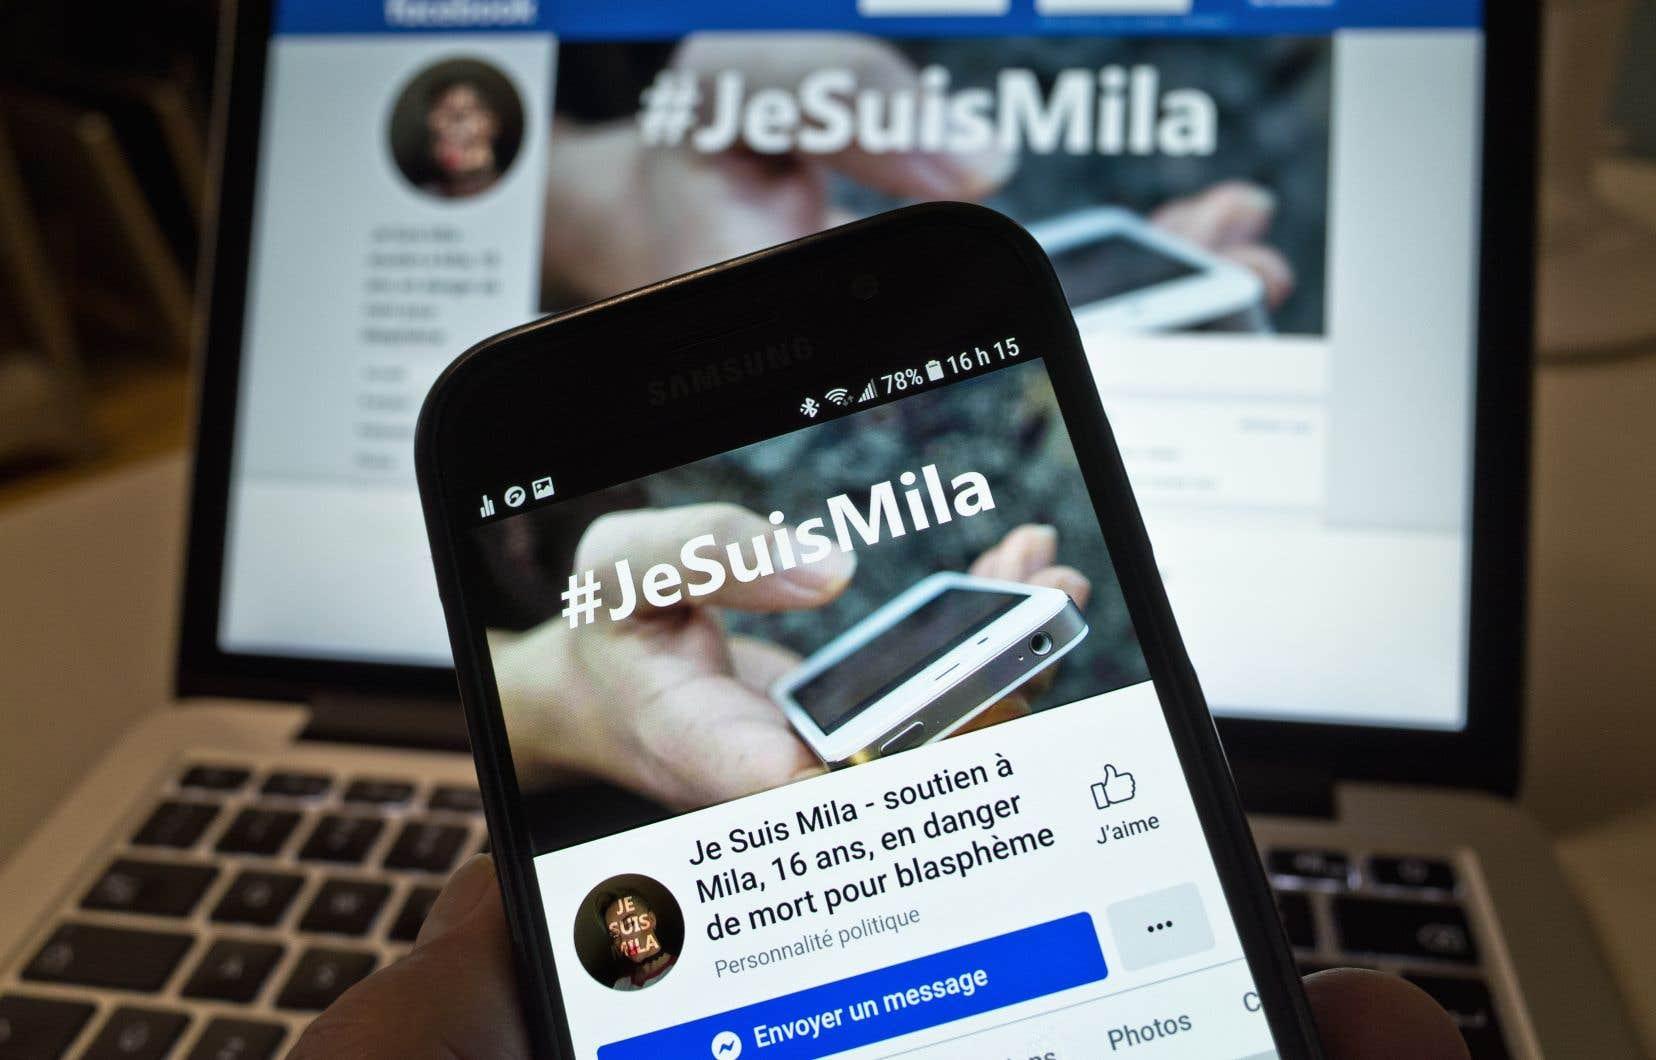 Un groupe Facebook a été créé en soutien à Mila, l'adolescente menacée de mort et harcelée après ses propos contre l'islam.